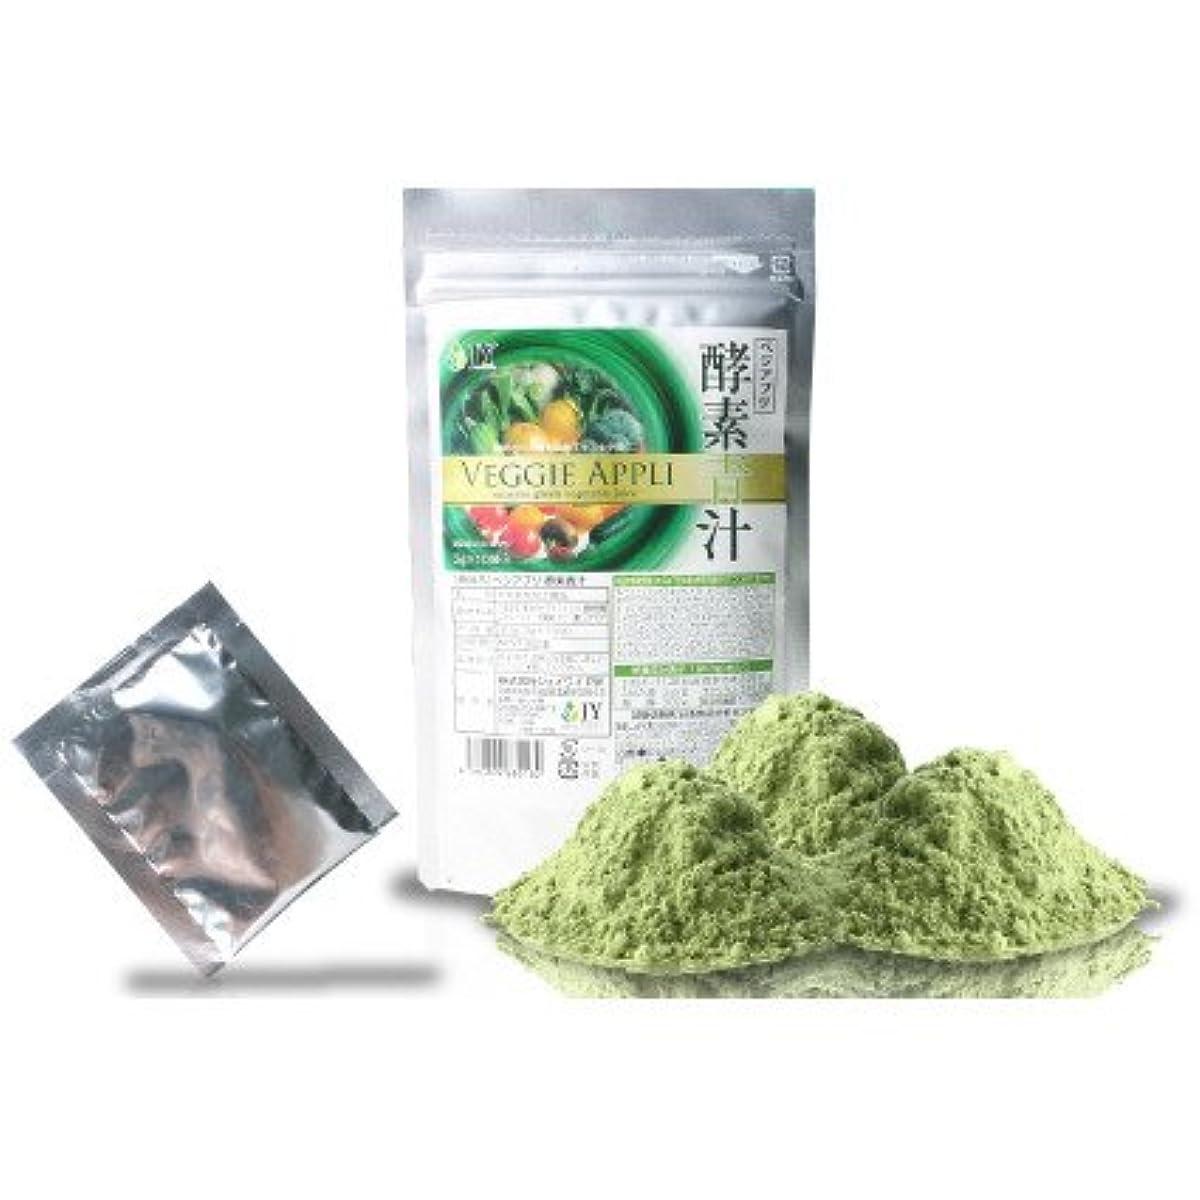 慢空気フラップ酵素と青汁と乳酸菌、効率よくダイエットをサポート『ベジアプリ 酵素青汁 約10日間お試しサイズ10包入り』